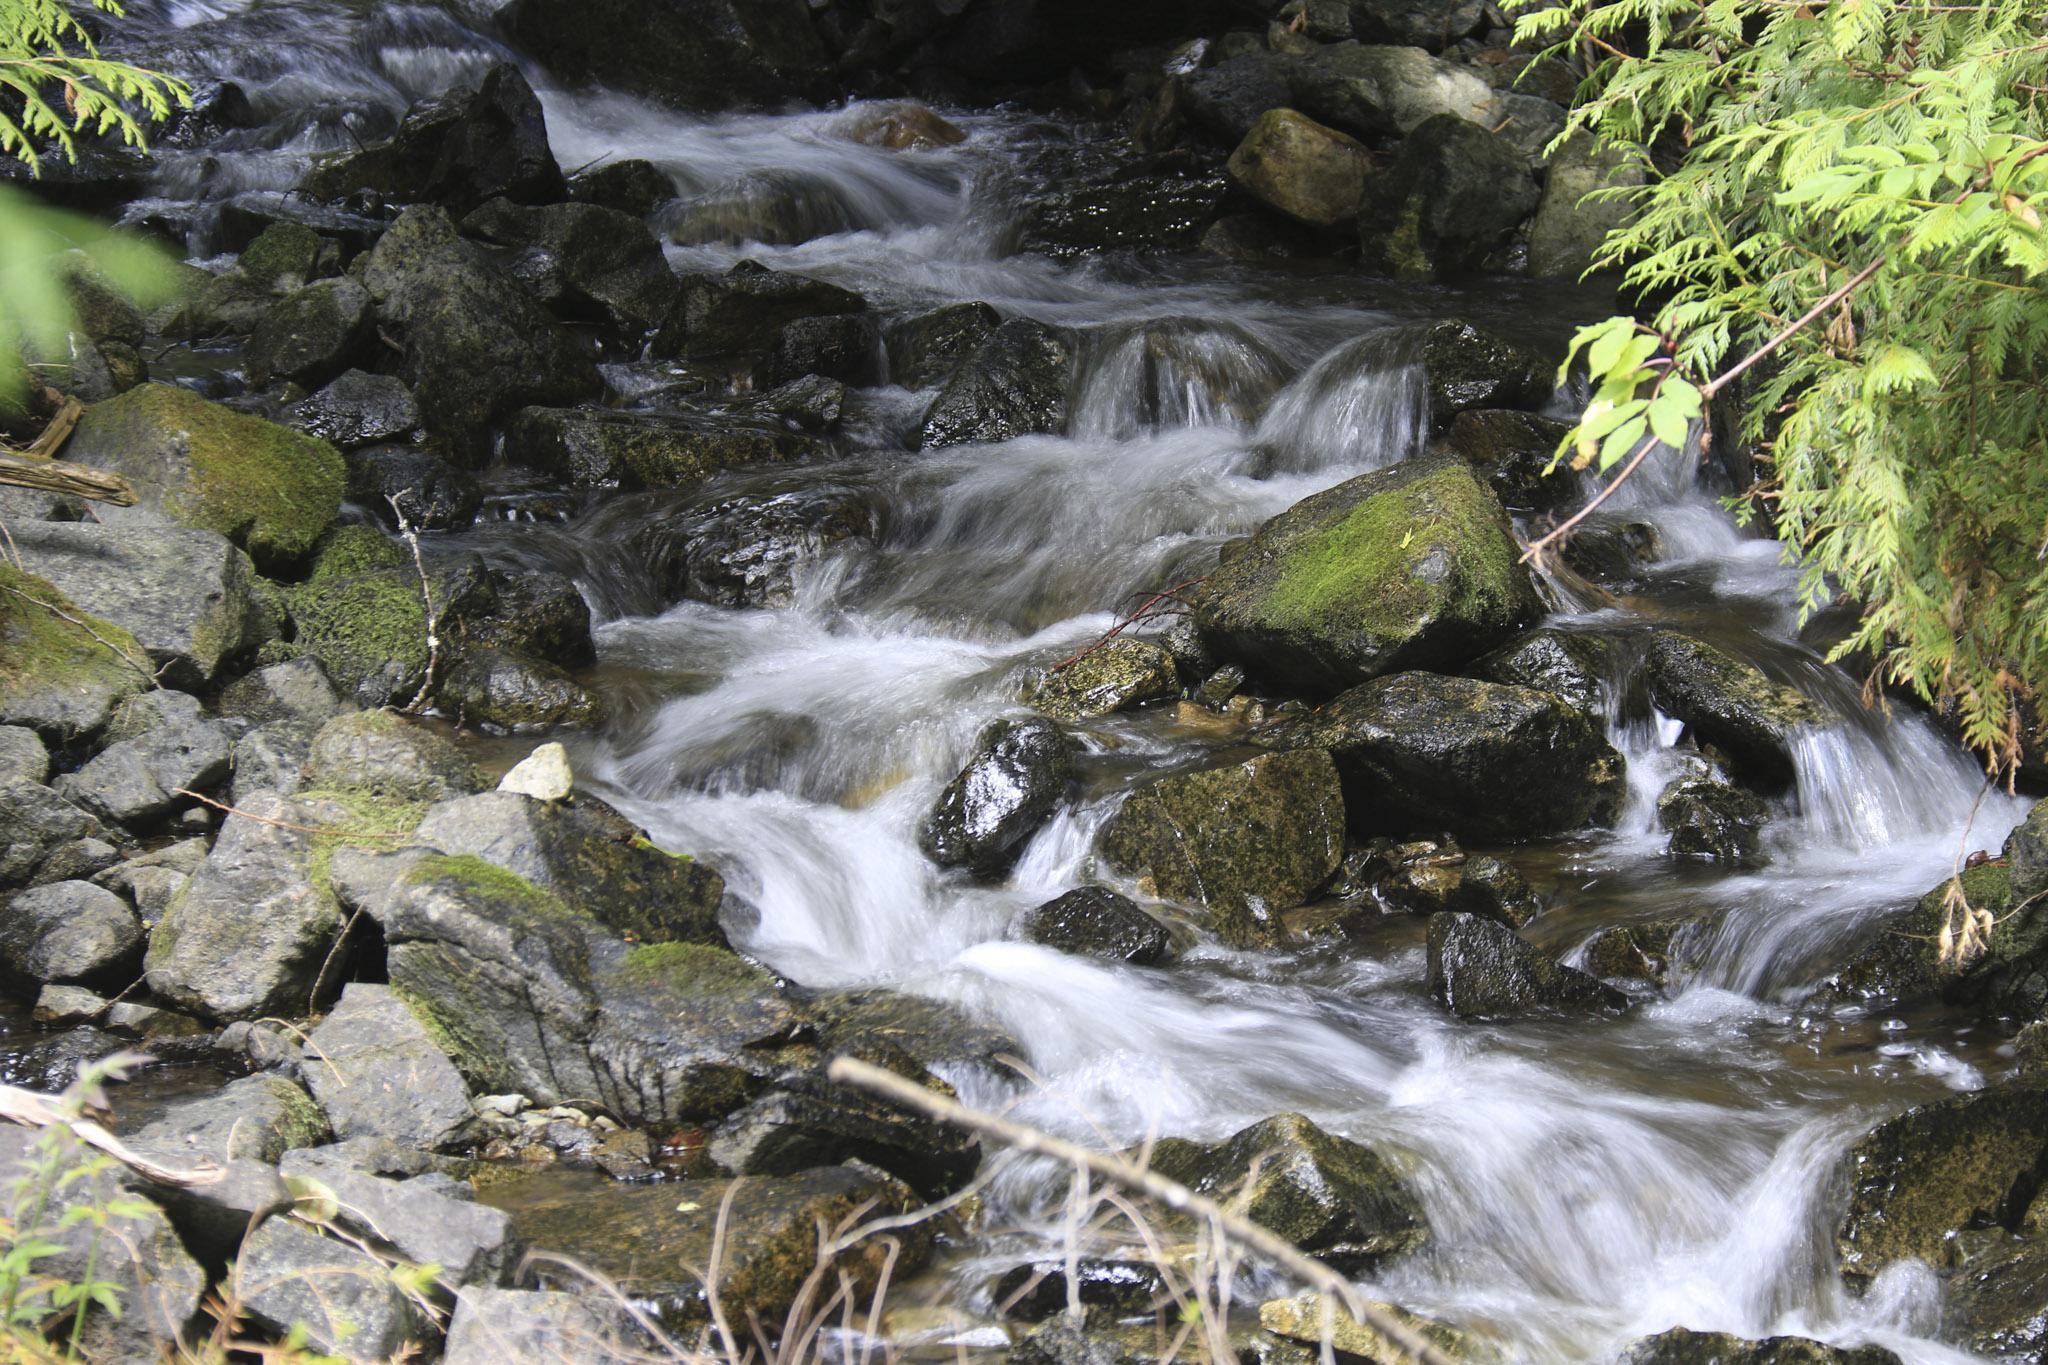 Eakin Creek Tributary - Doug Boyce